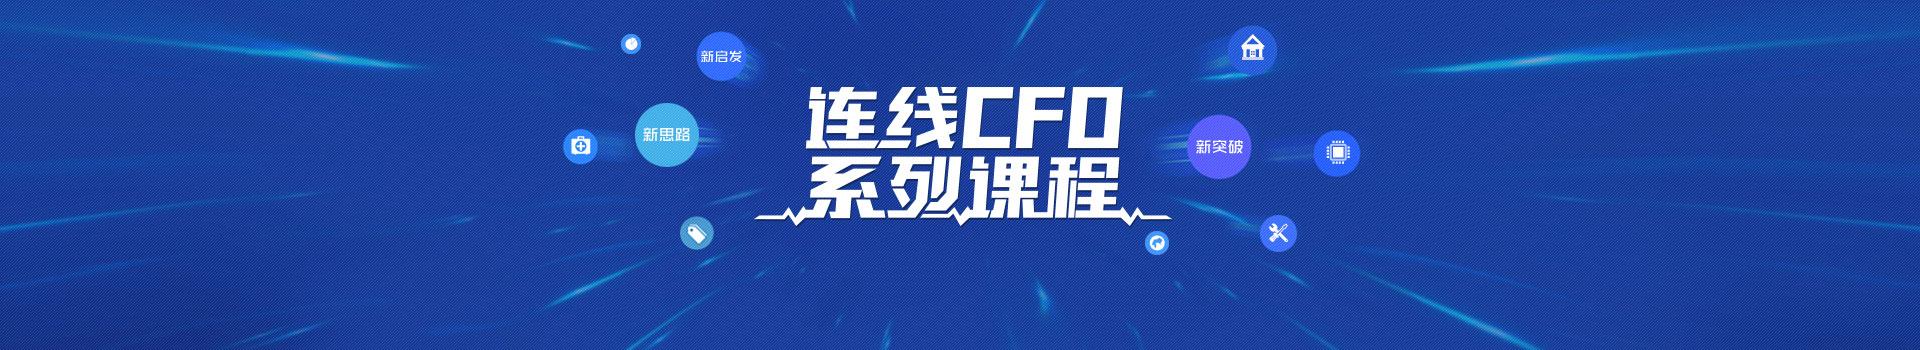 連線CFO系列課|標桿企業CFO,結合親身經歷,描繪行業格局,分享CFO思維